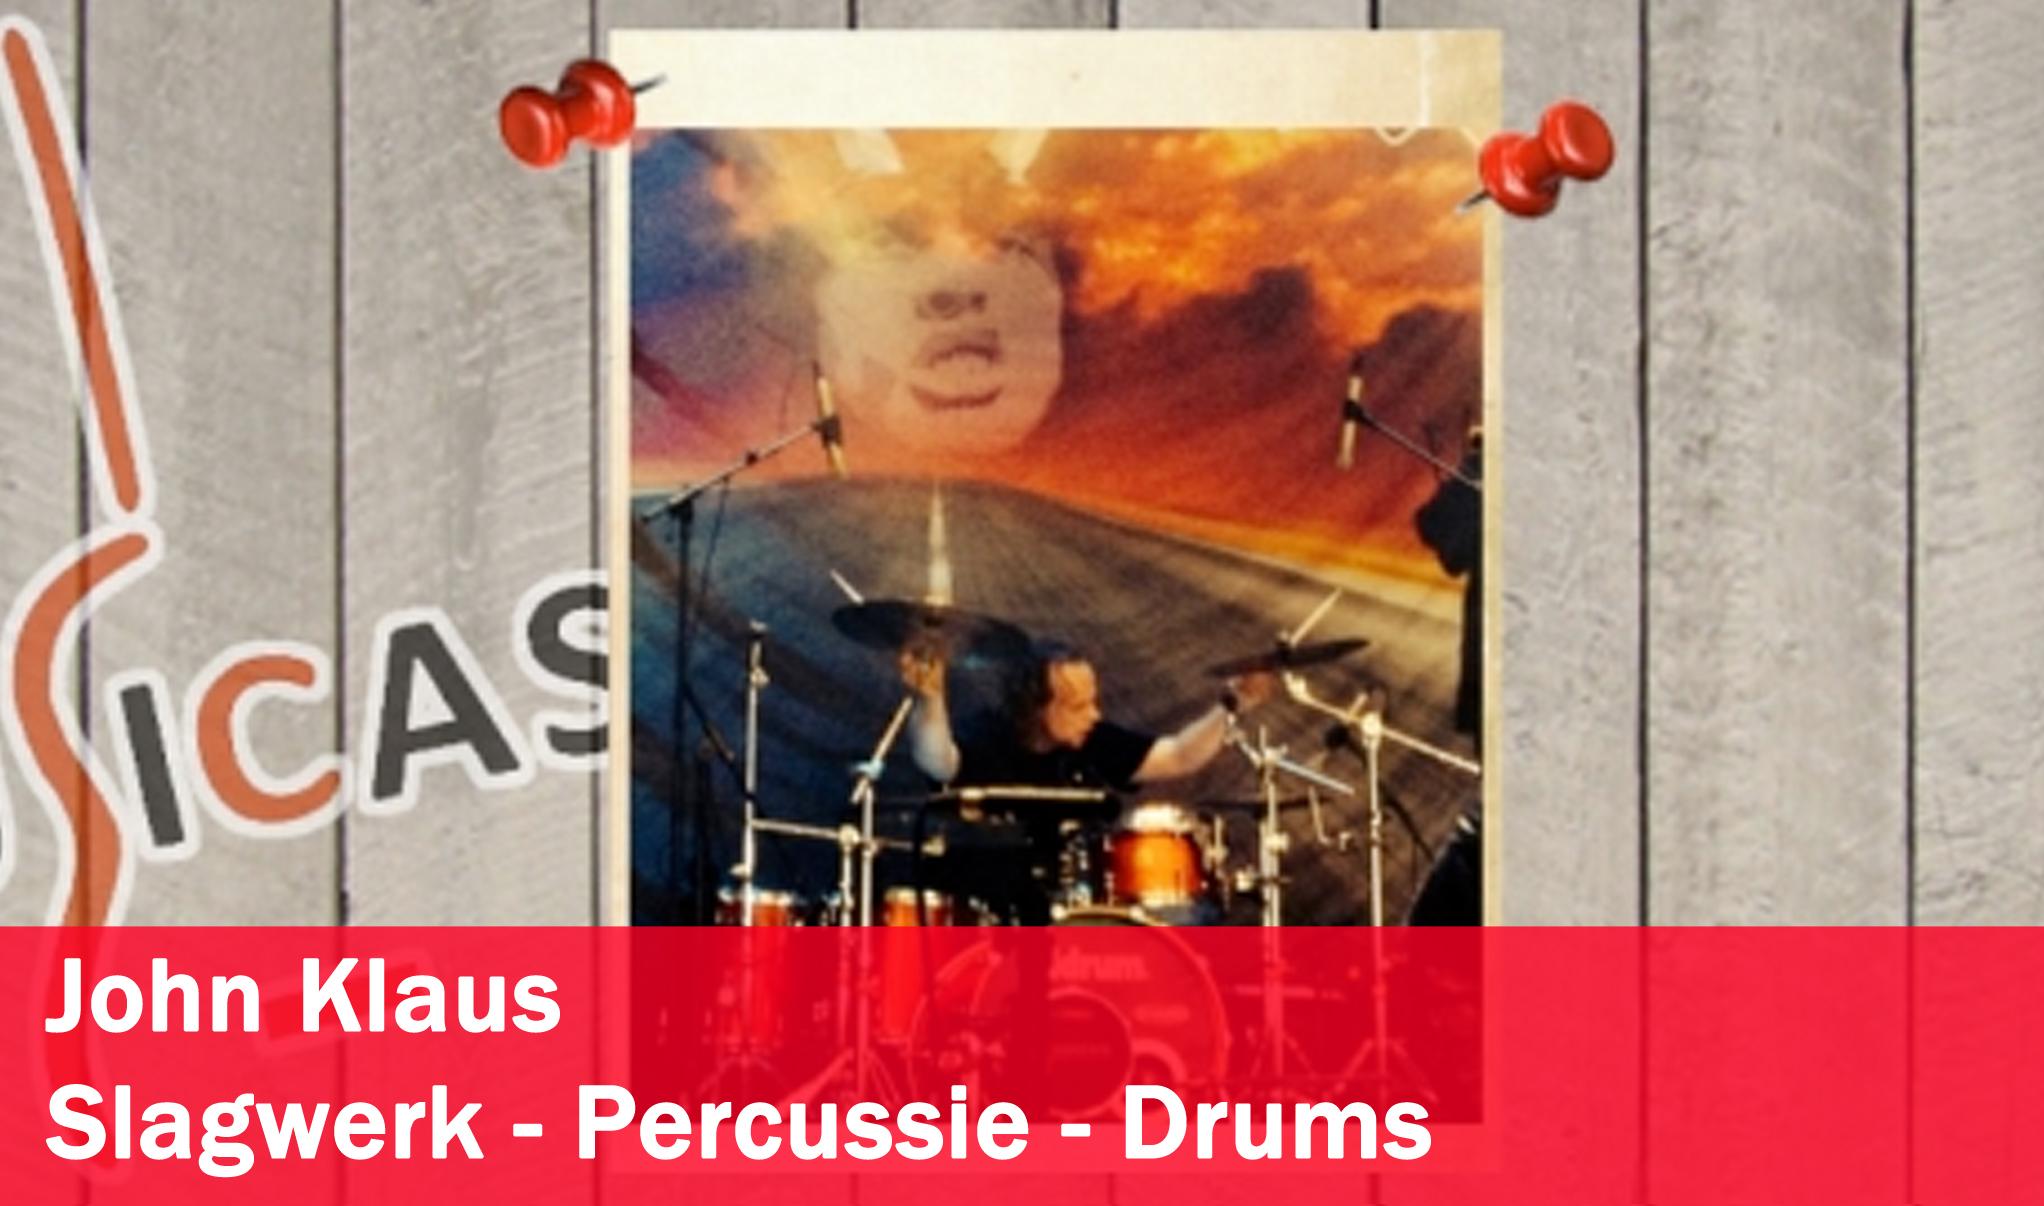 John Klaus <br>Slagwerk - Percussie - Drums